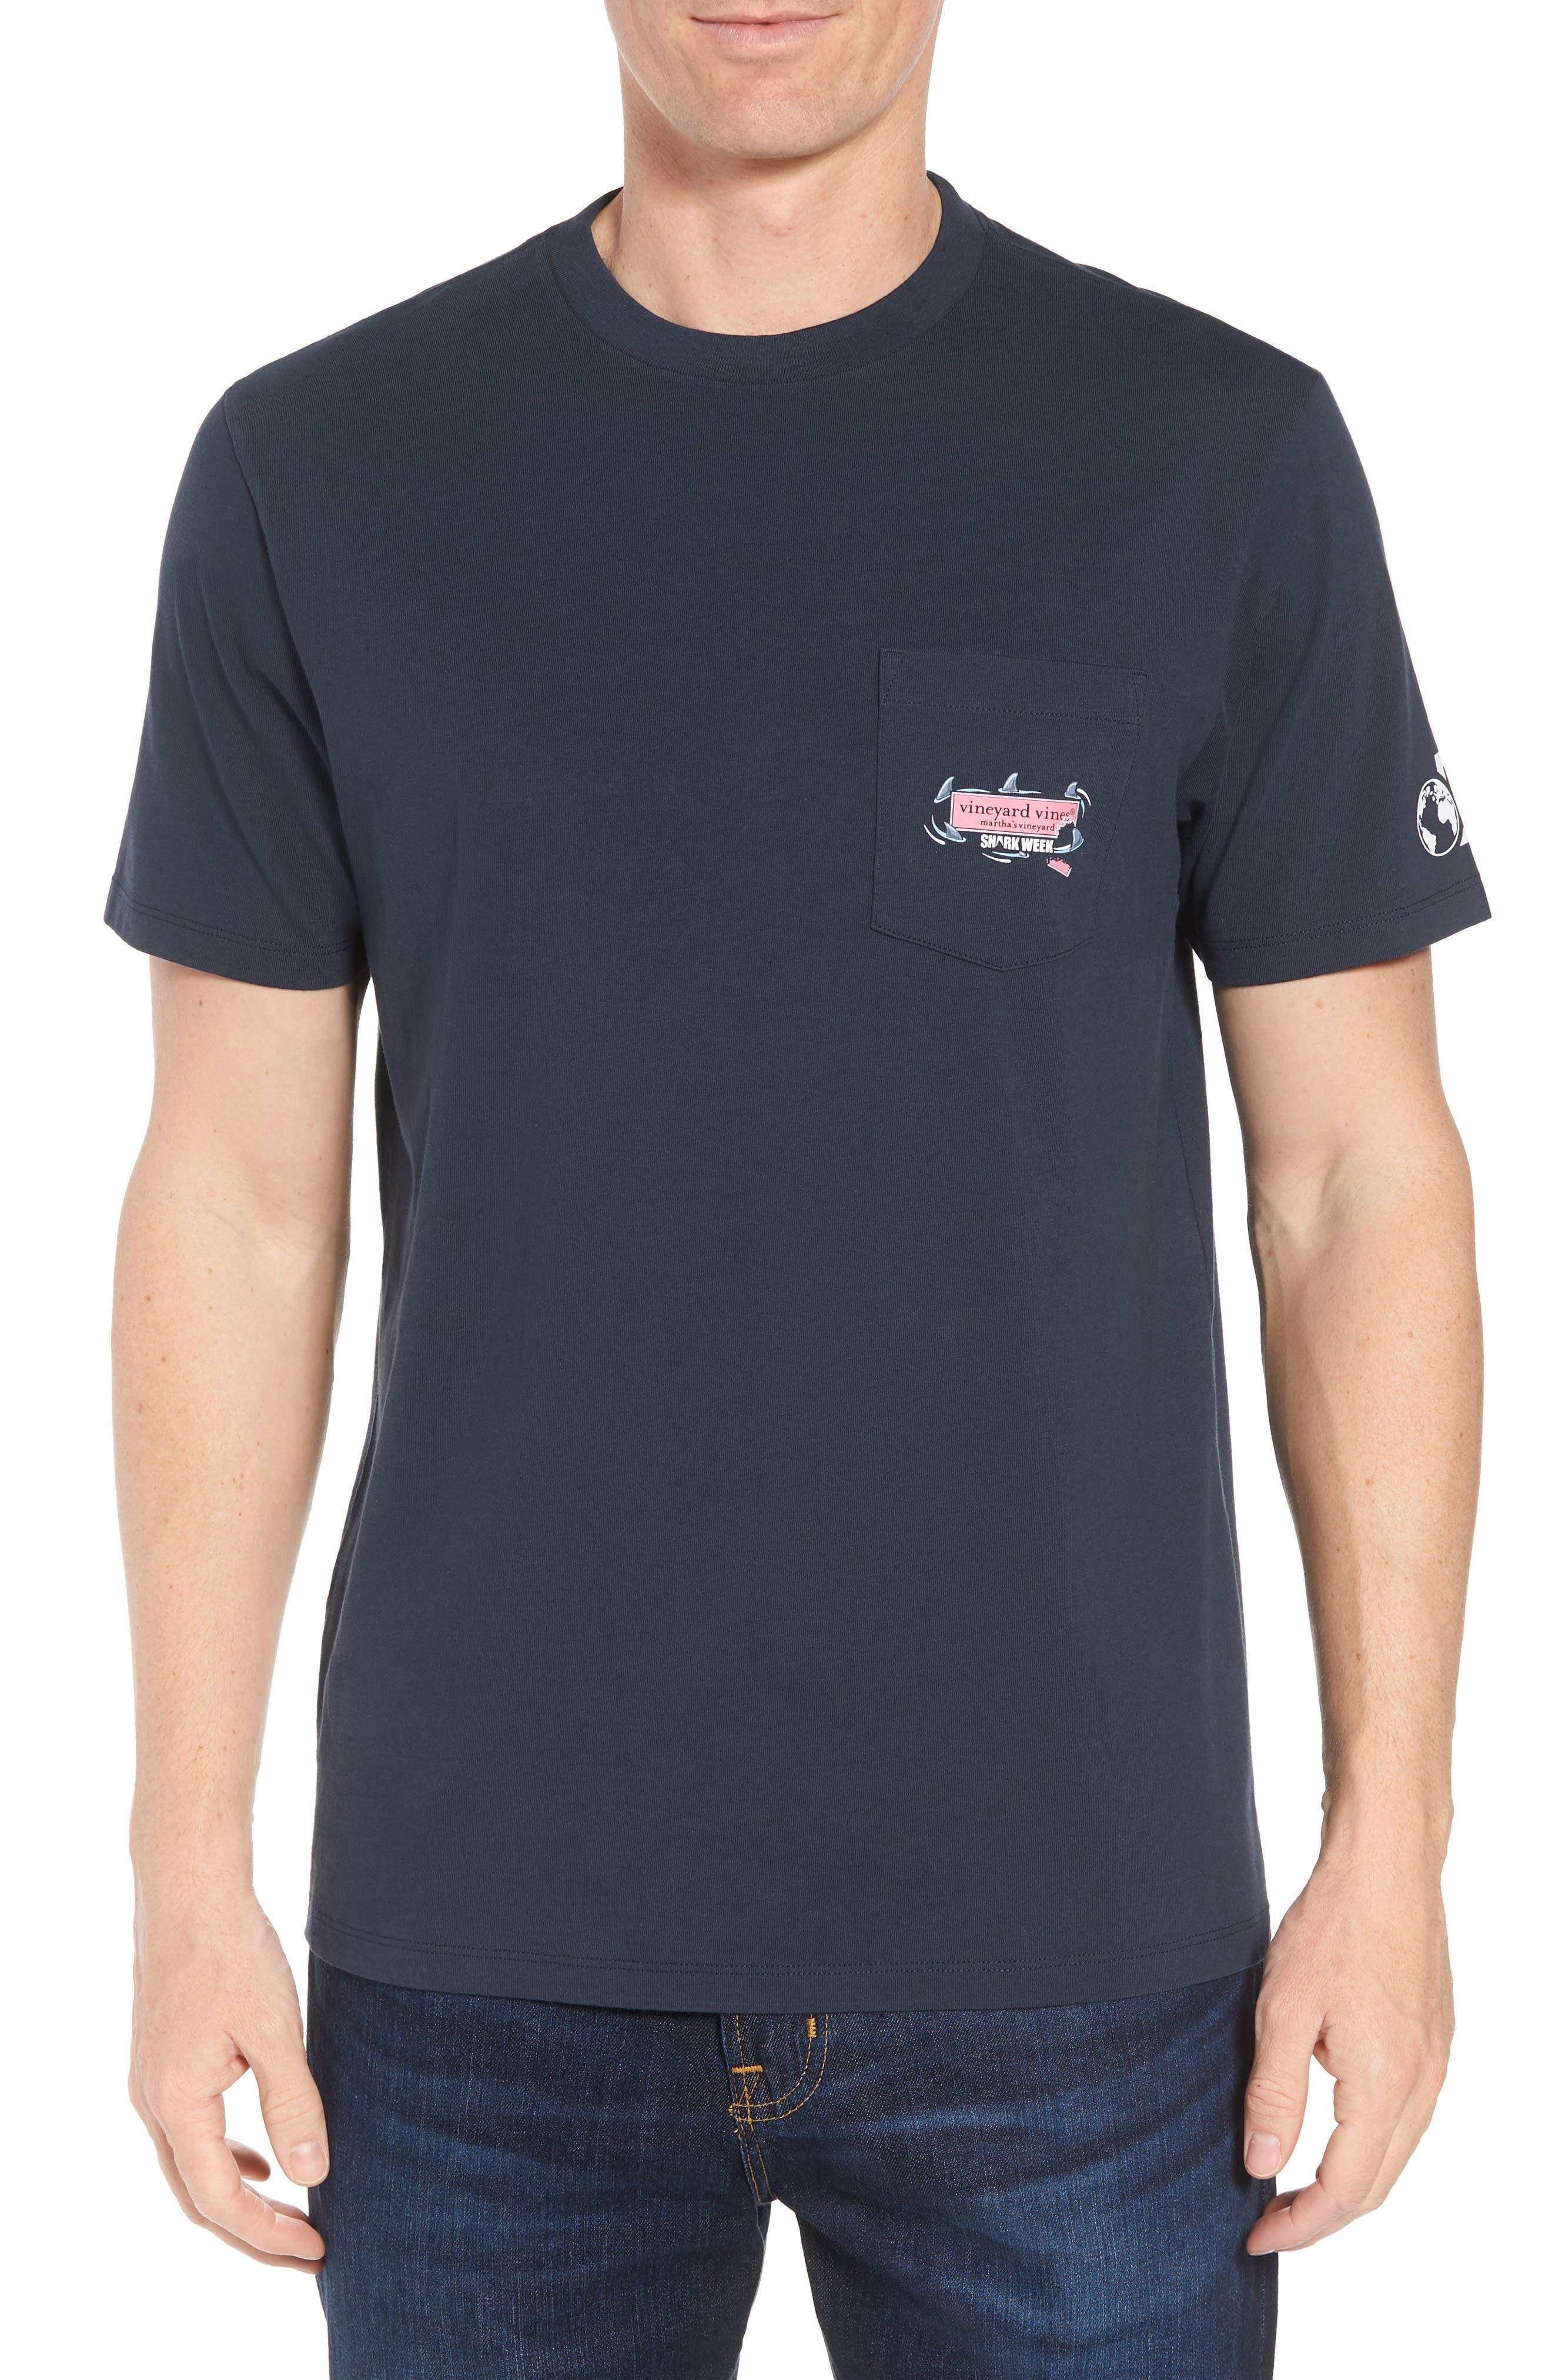 x Shark Week<sup>™</sup> Circling Sharks Pocket T-Shirt,                             Main thumbnail 1, color,                             406